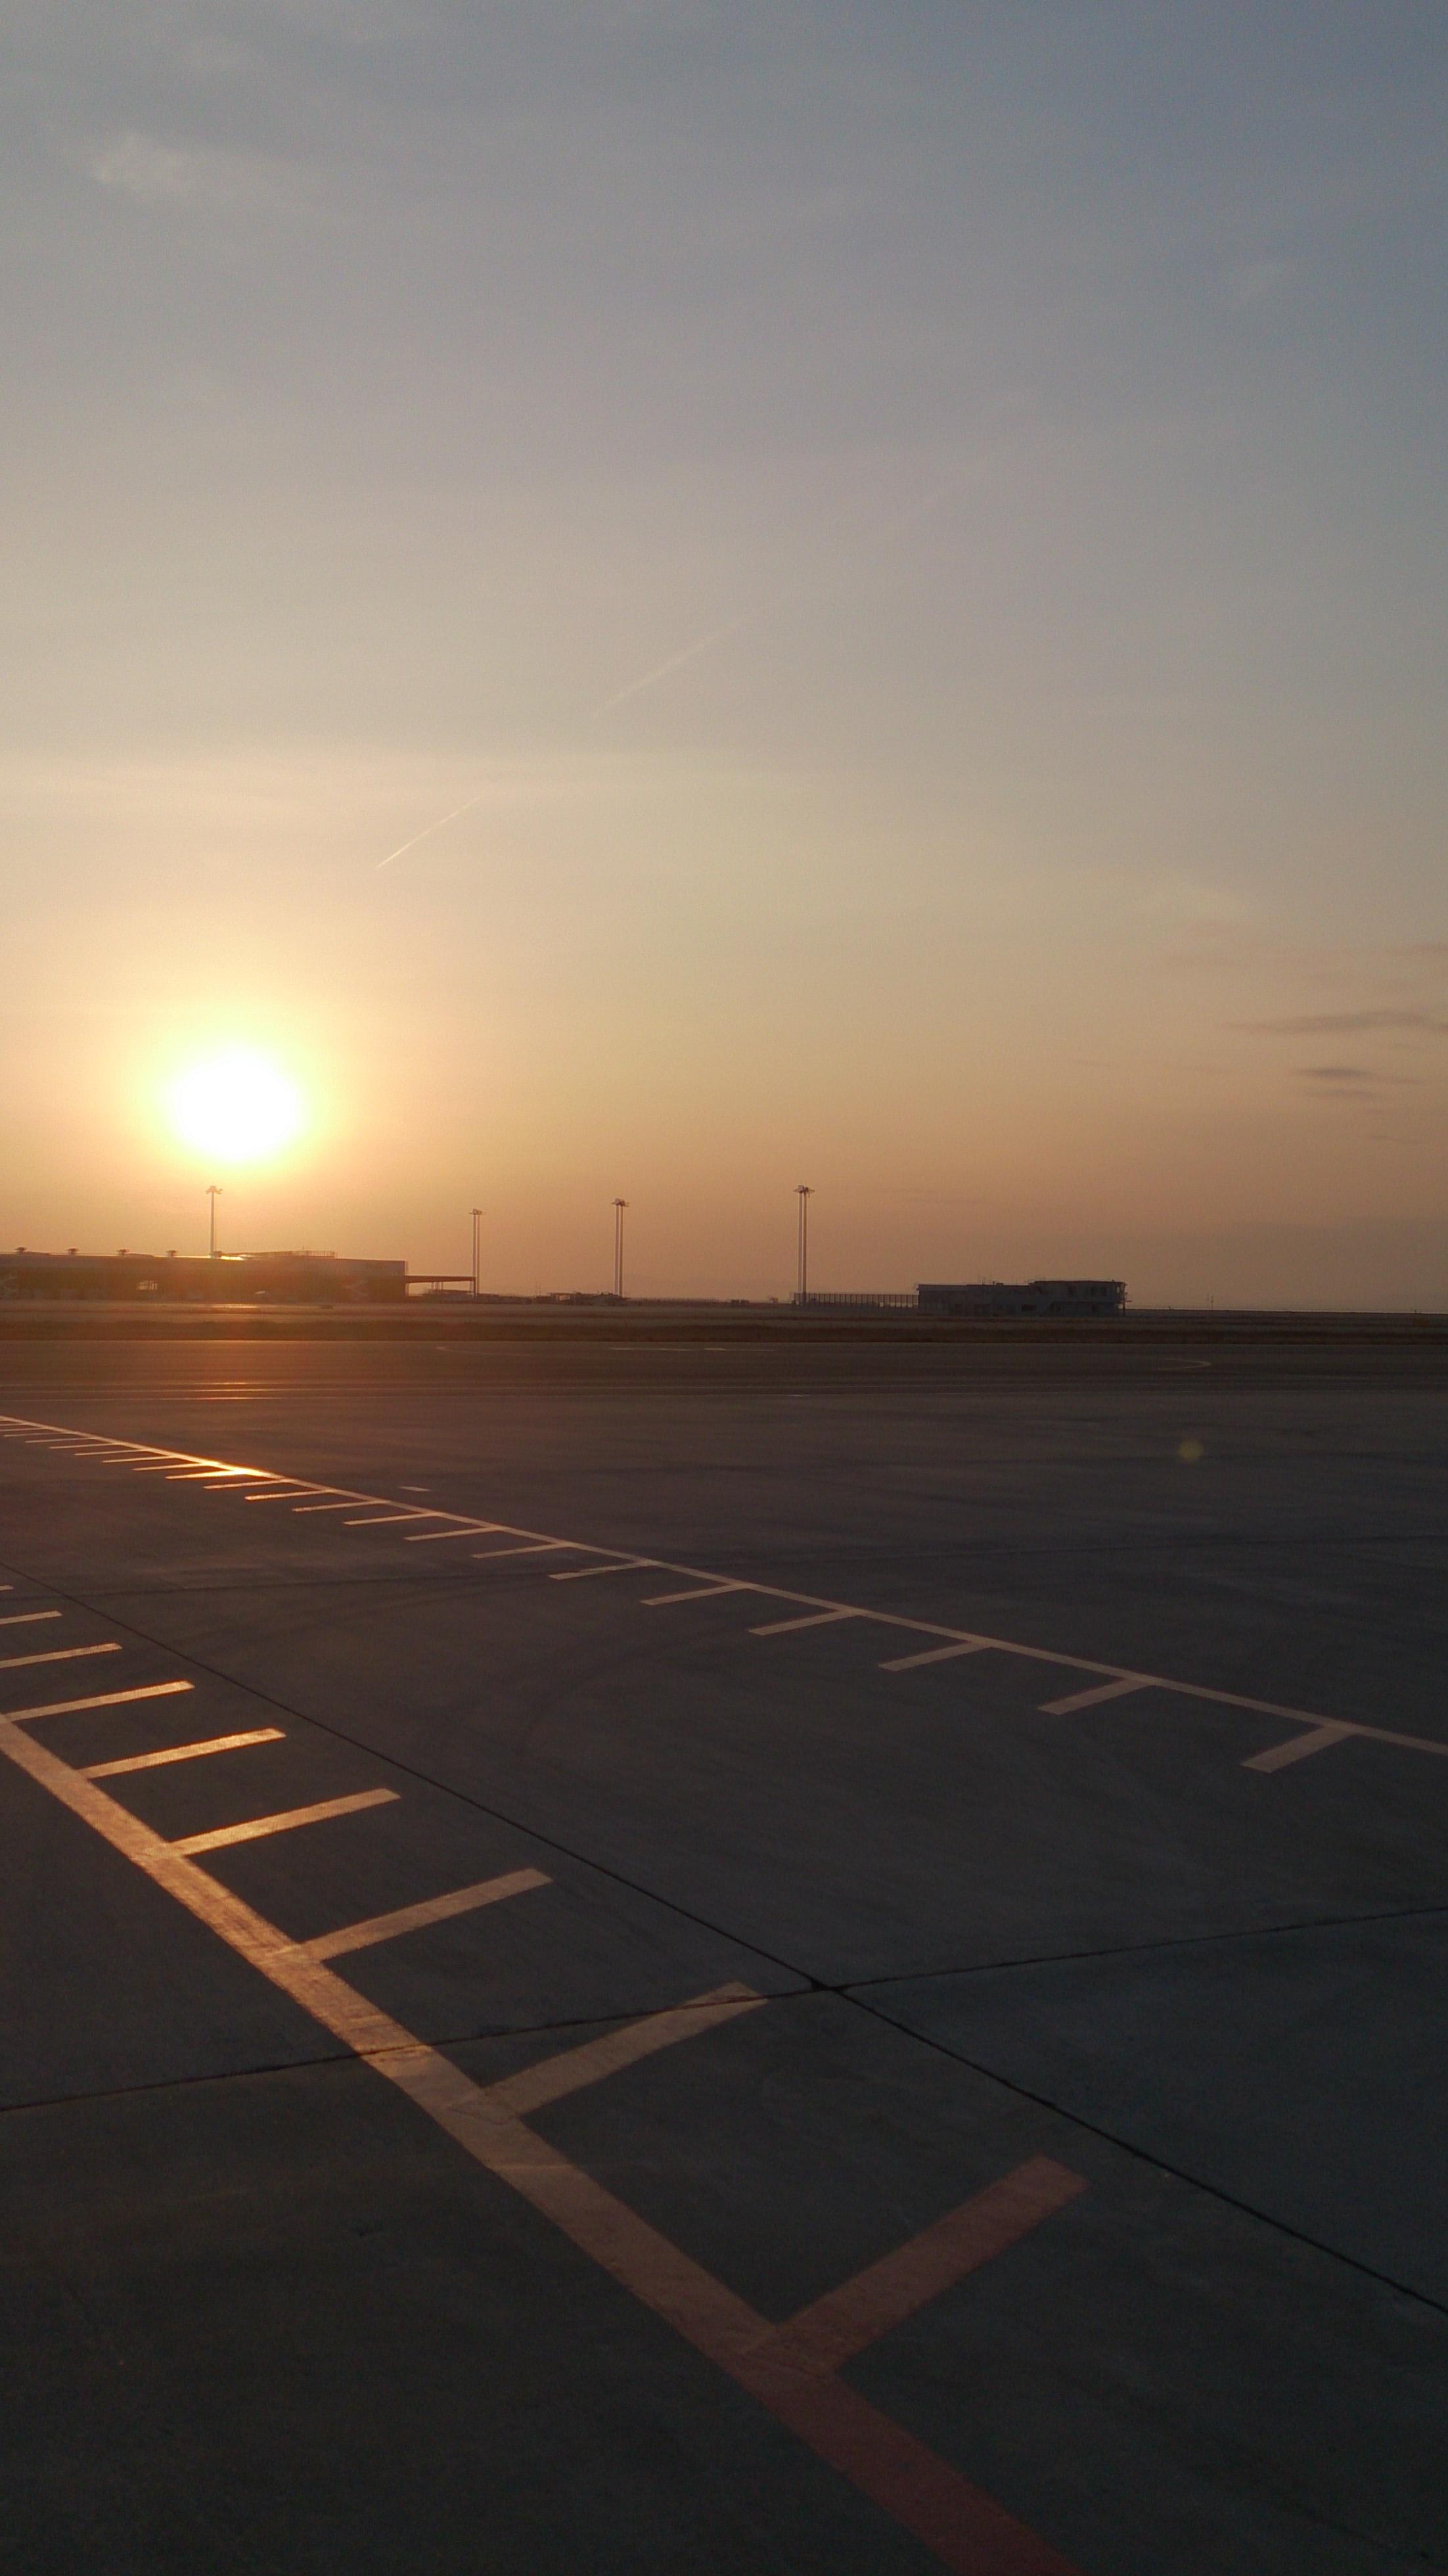 関空からLCC利用して香港経由で広州へ行く方法